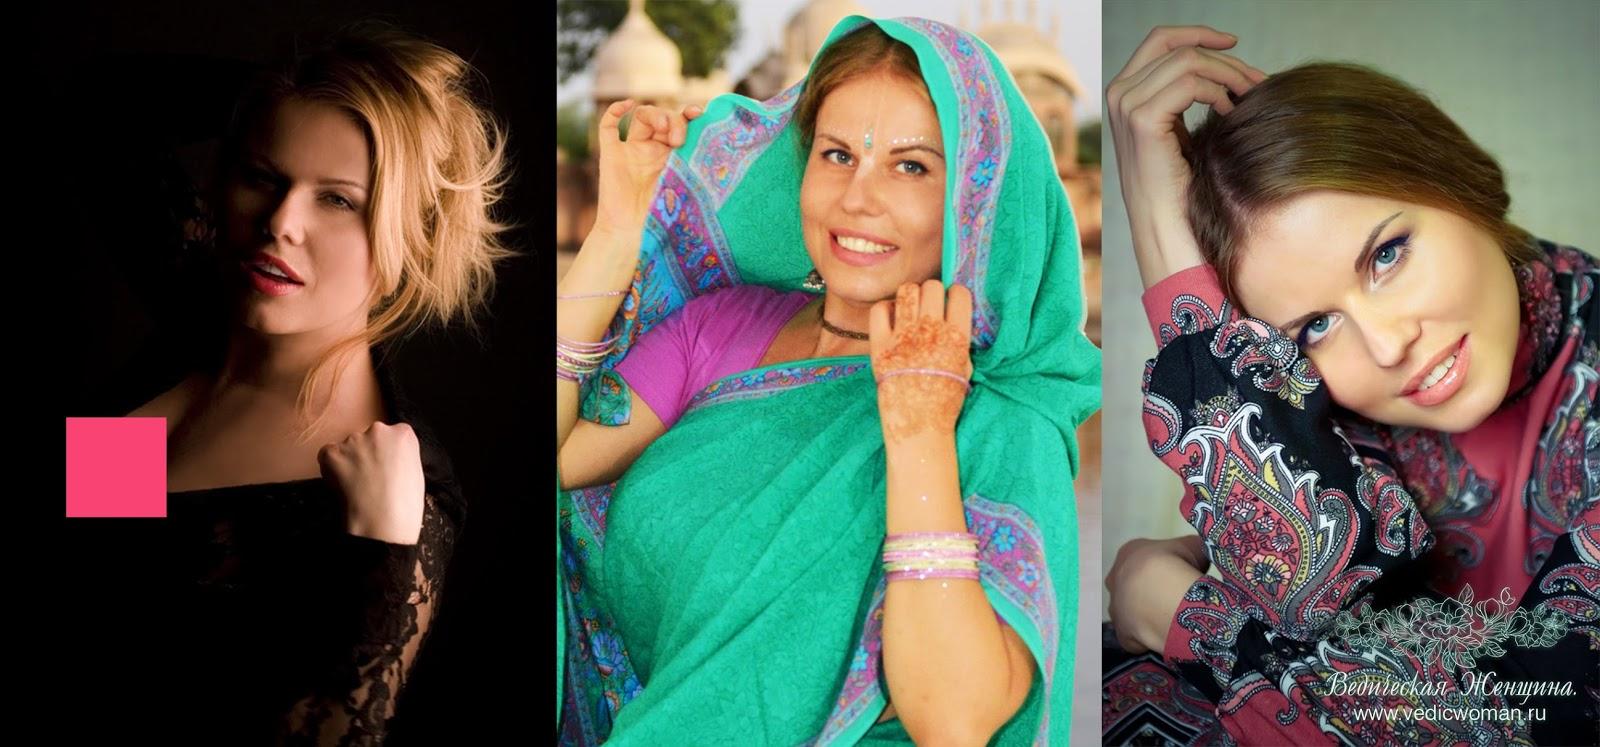 Фото красивых женщин парандже 12 фотография